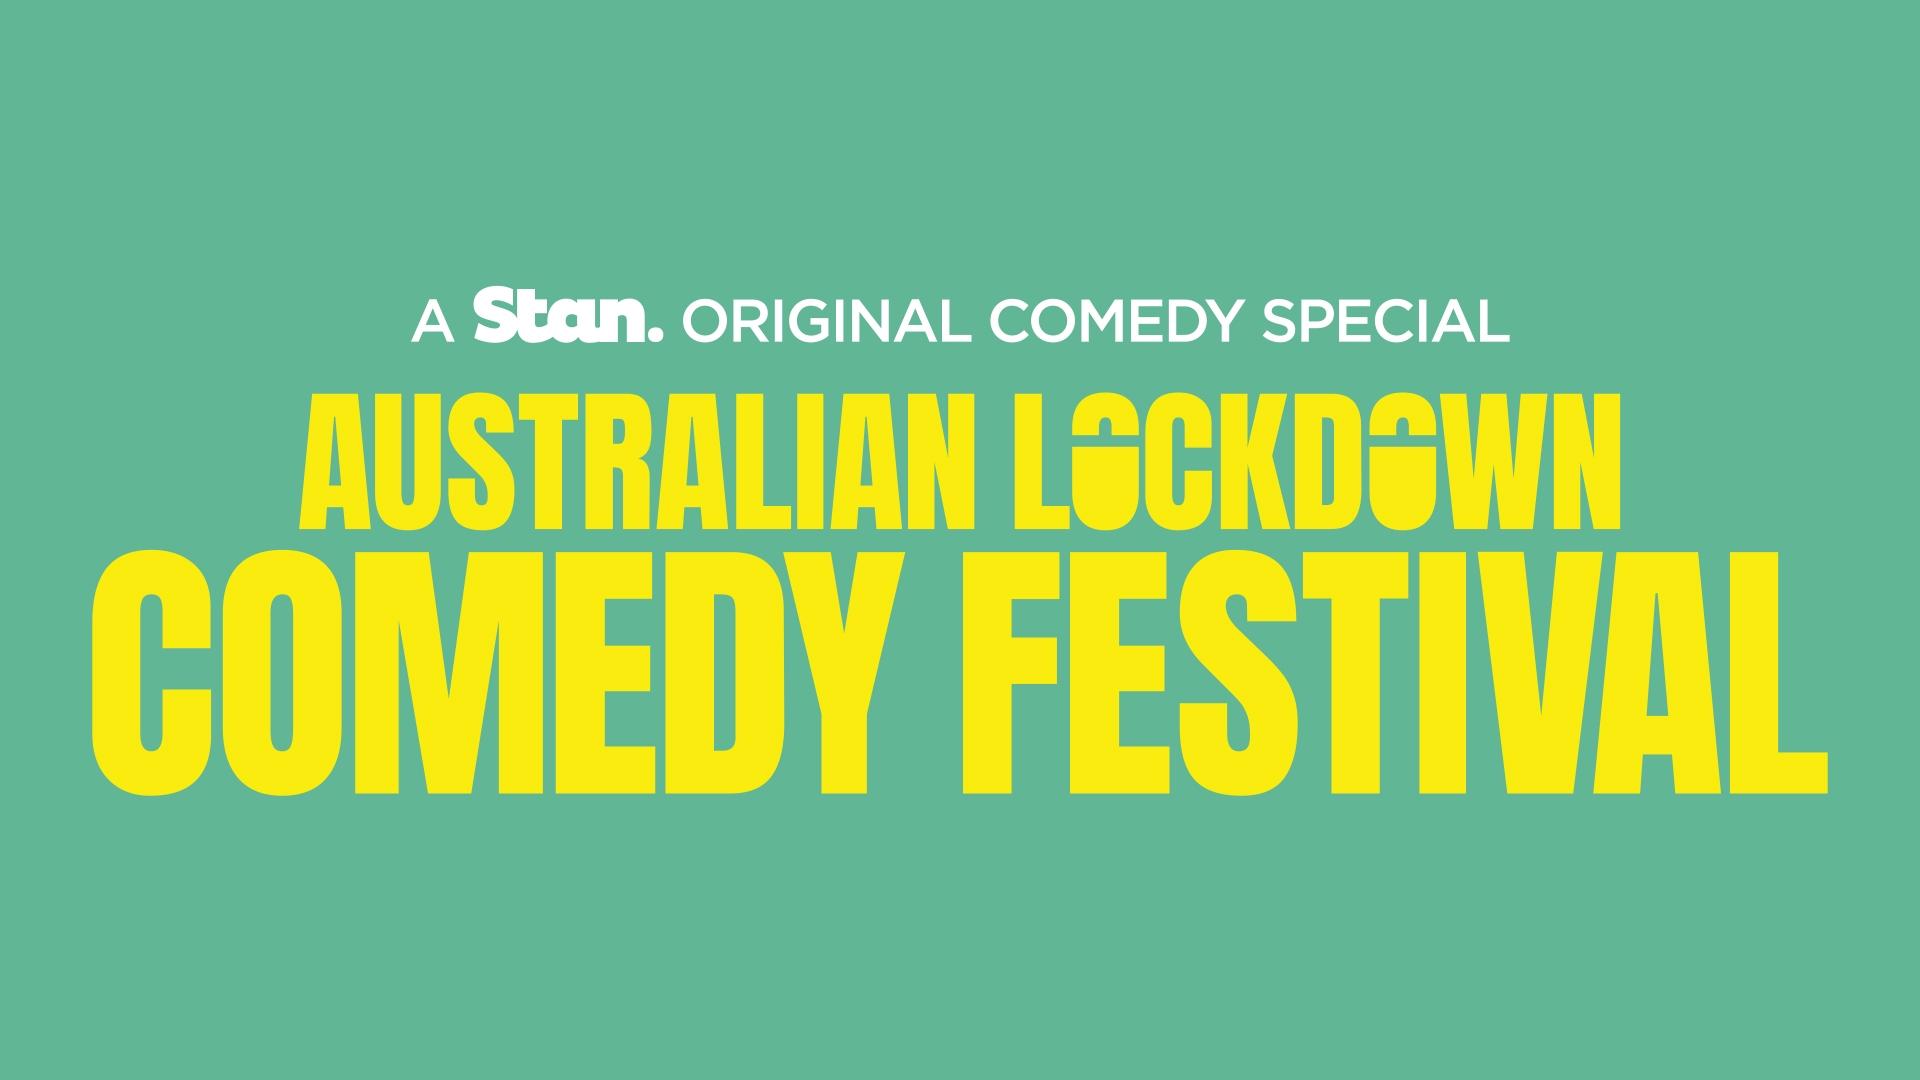 Australian lockdown comedy festival on Stan